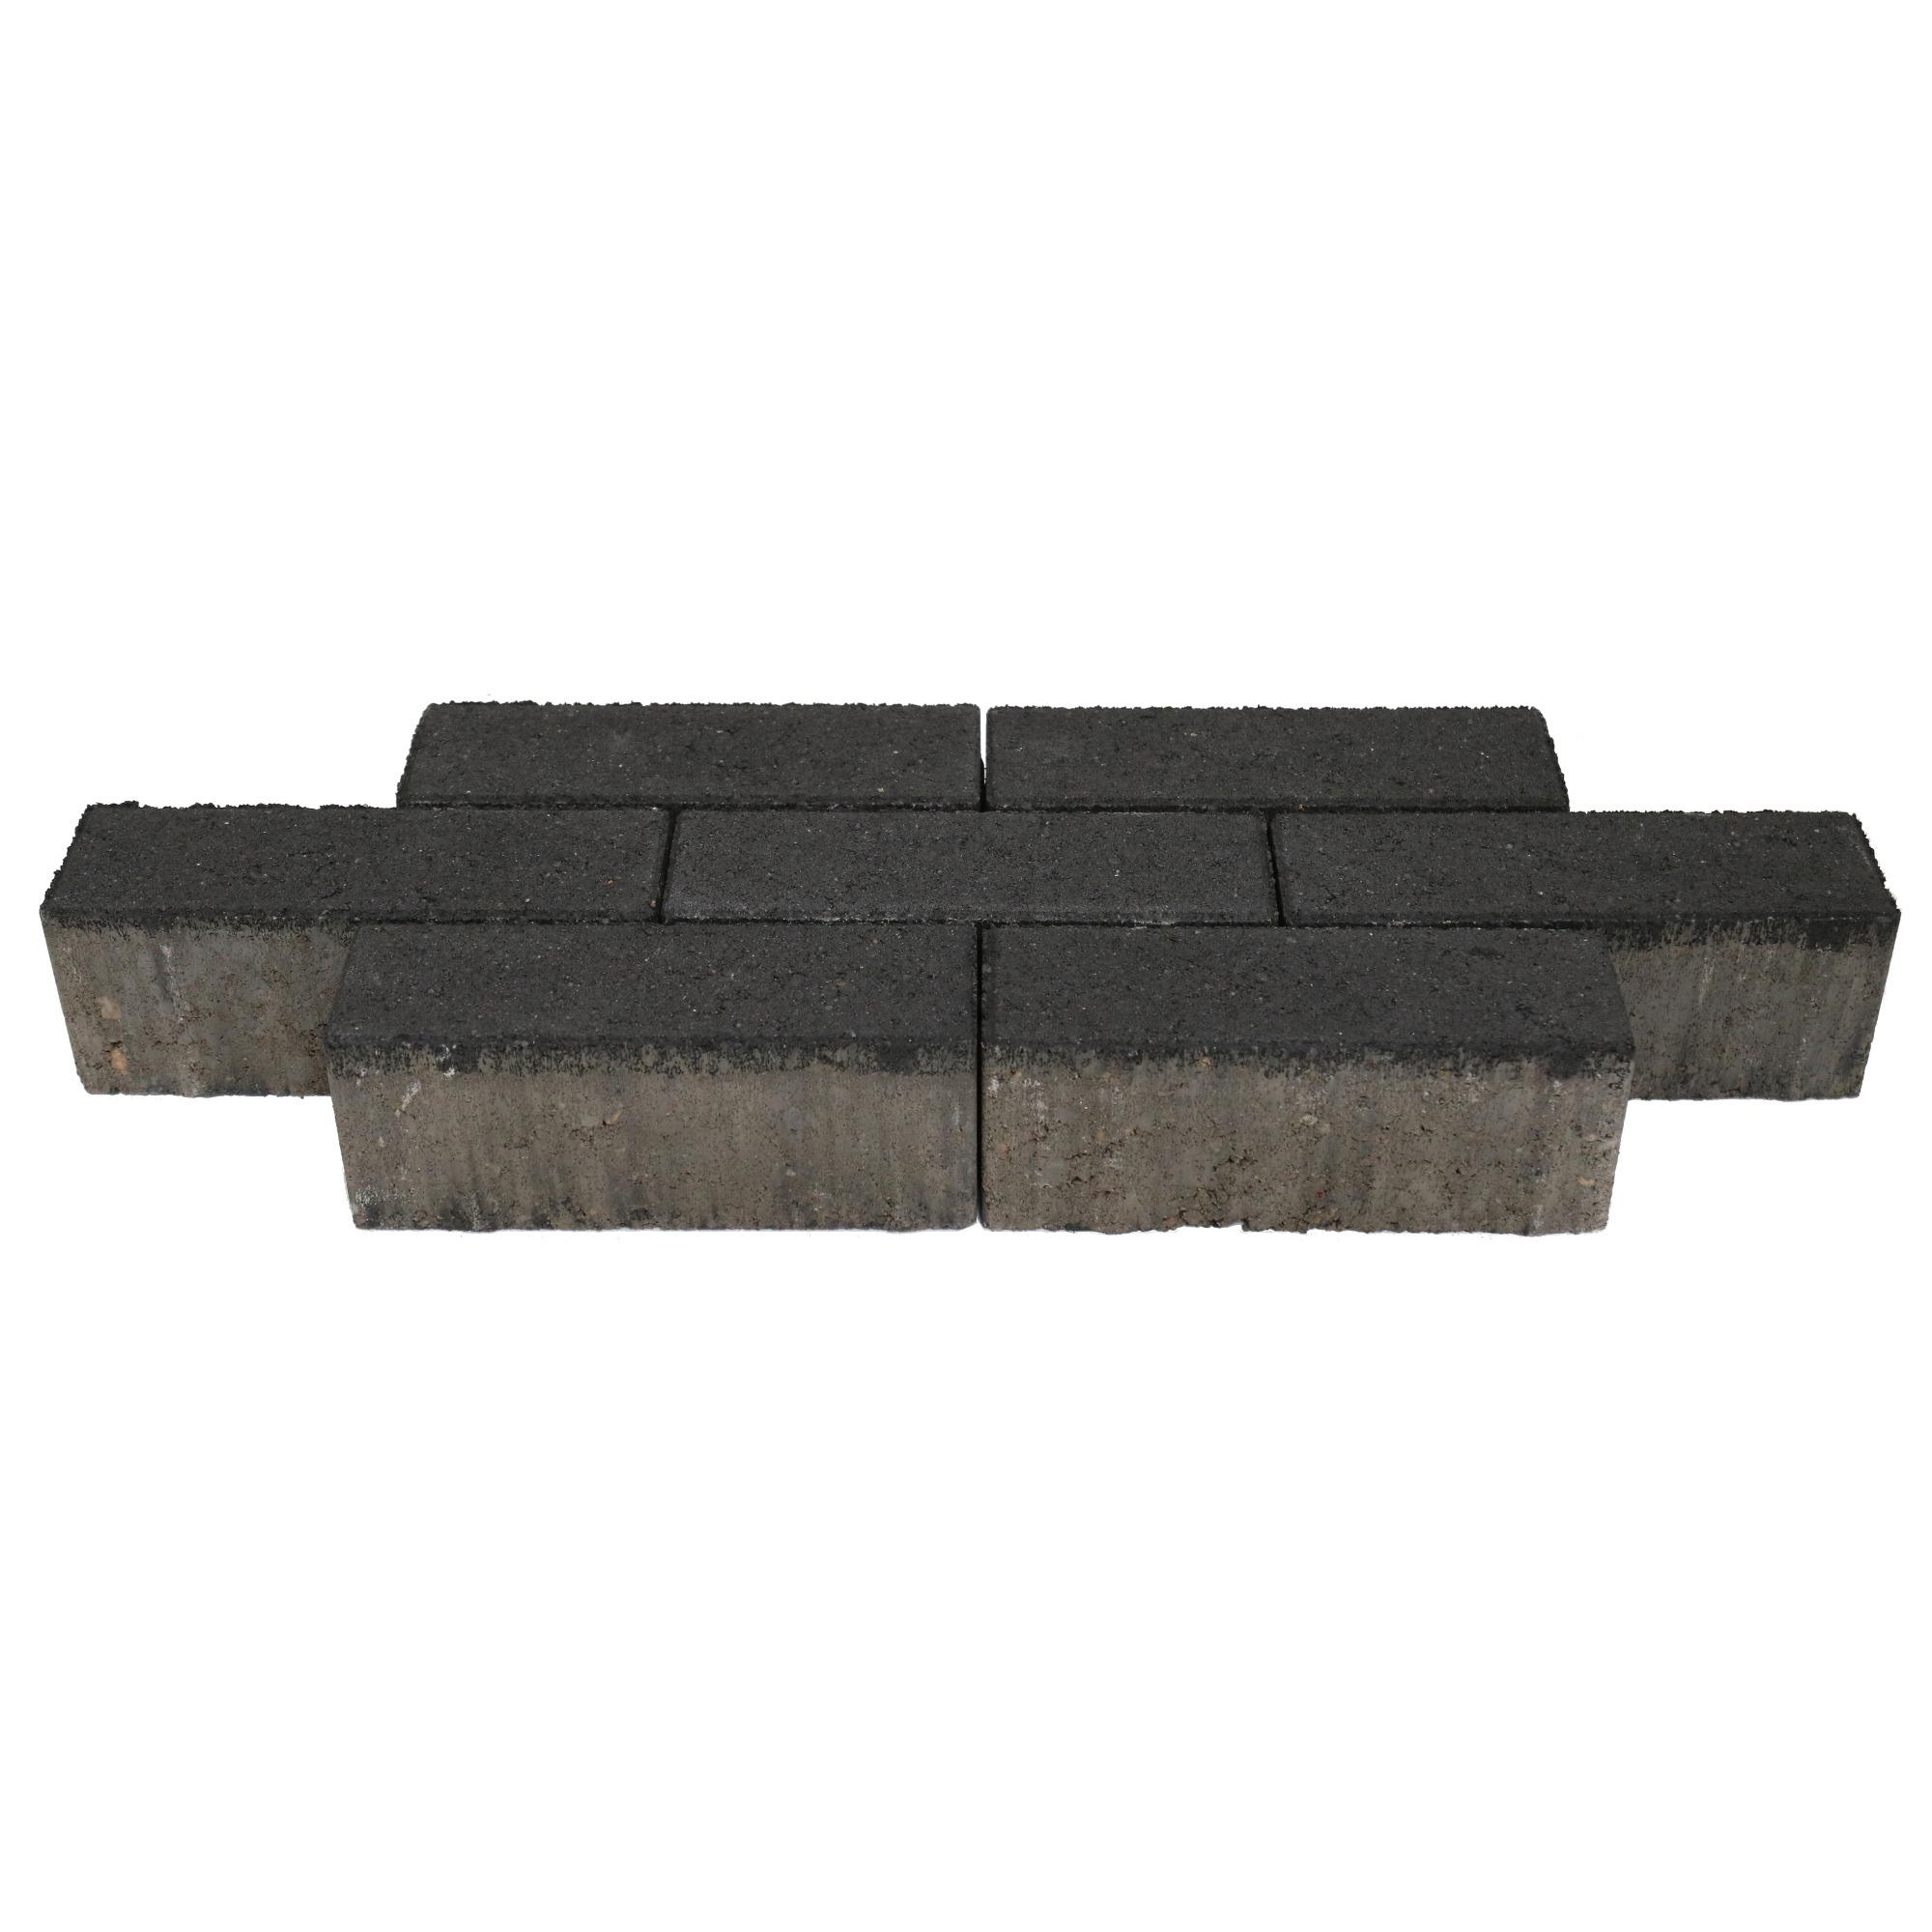 Klinker Beton Antraciet Dikformaat 21x6,8x8 cm - 540 Klinkers - 7,70 m2